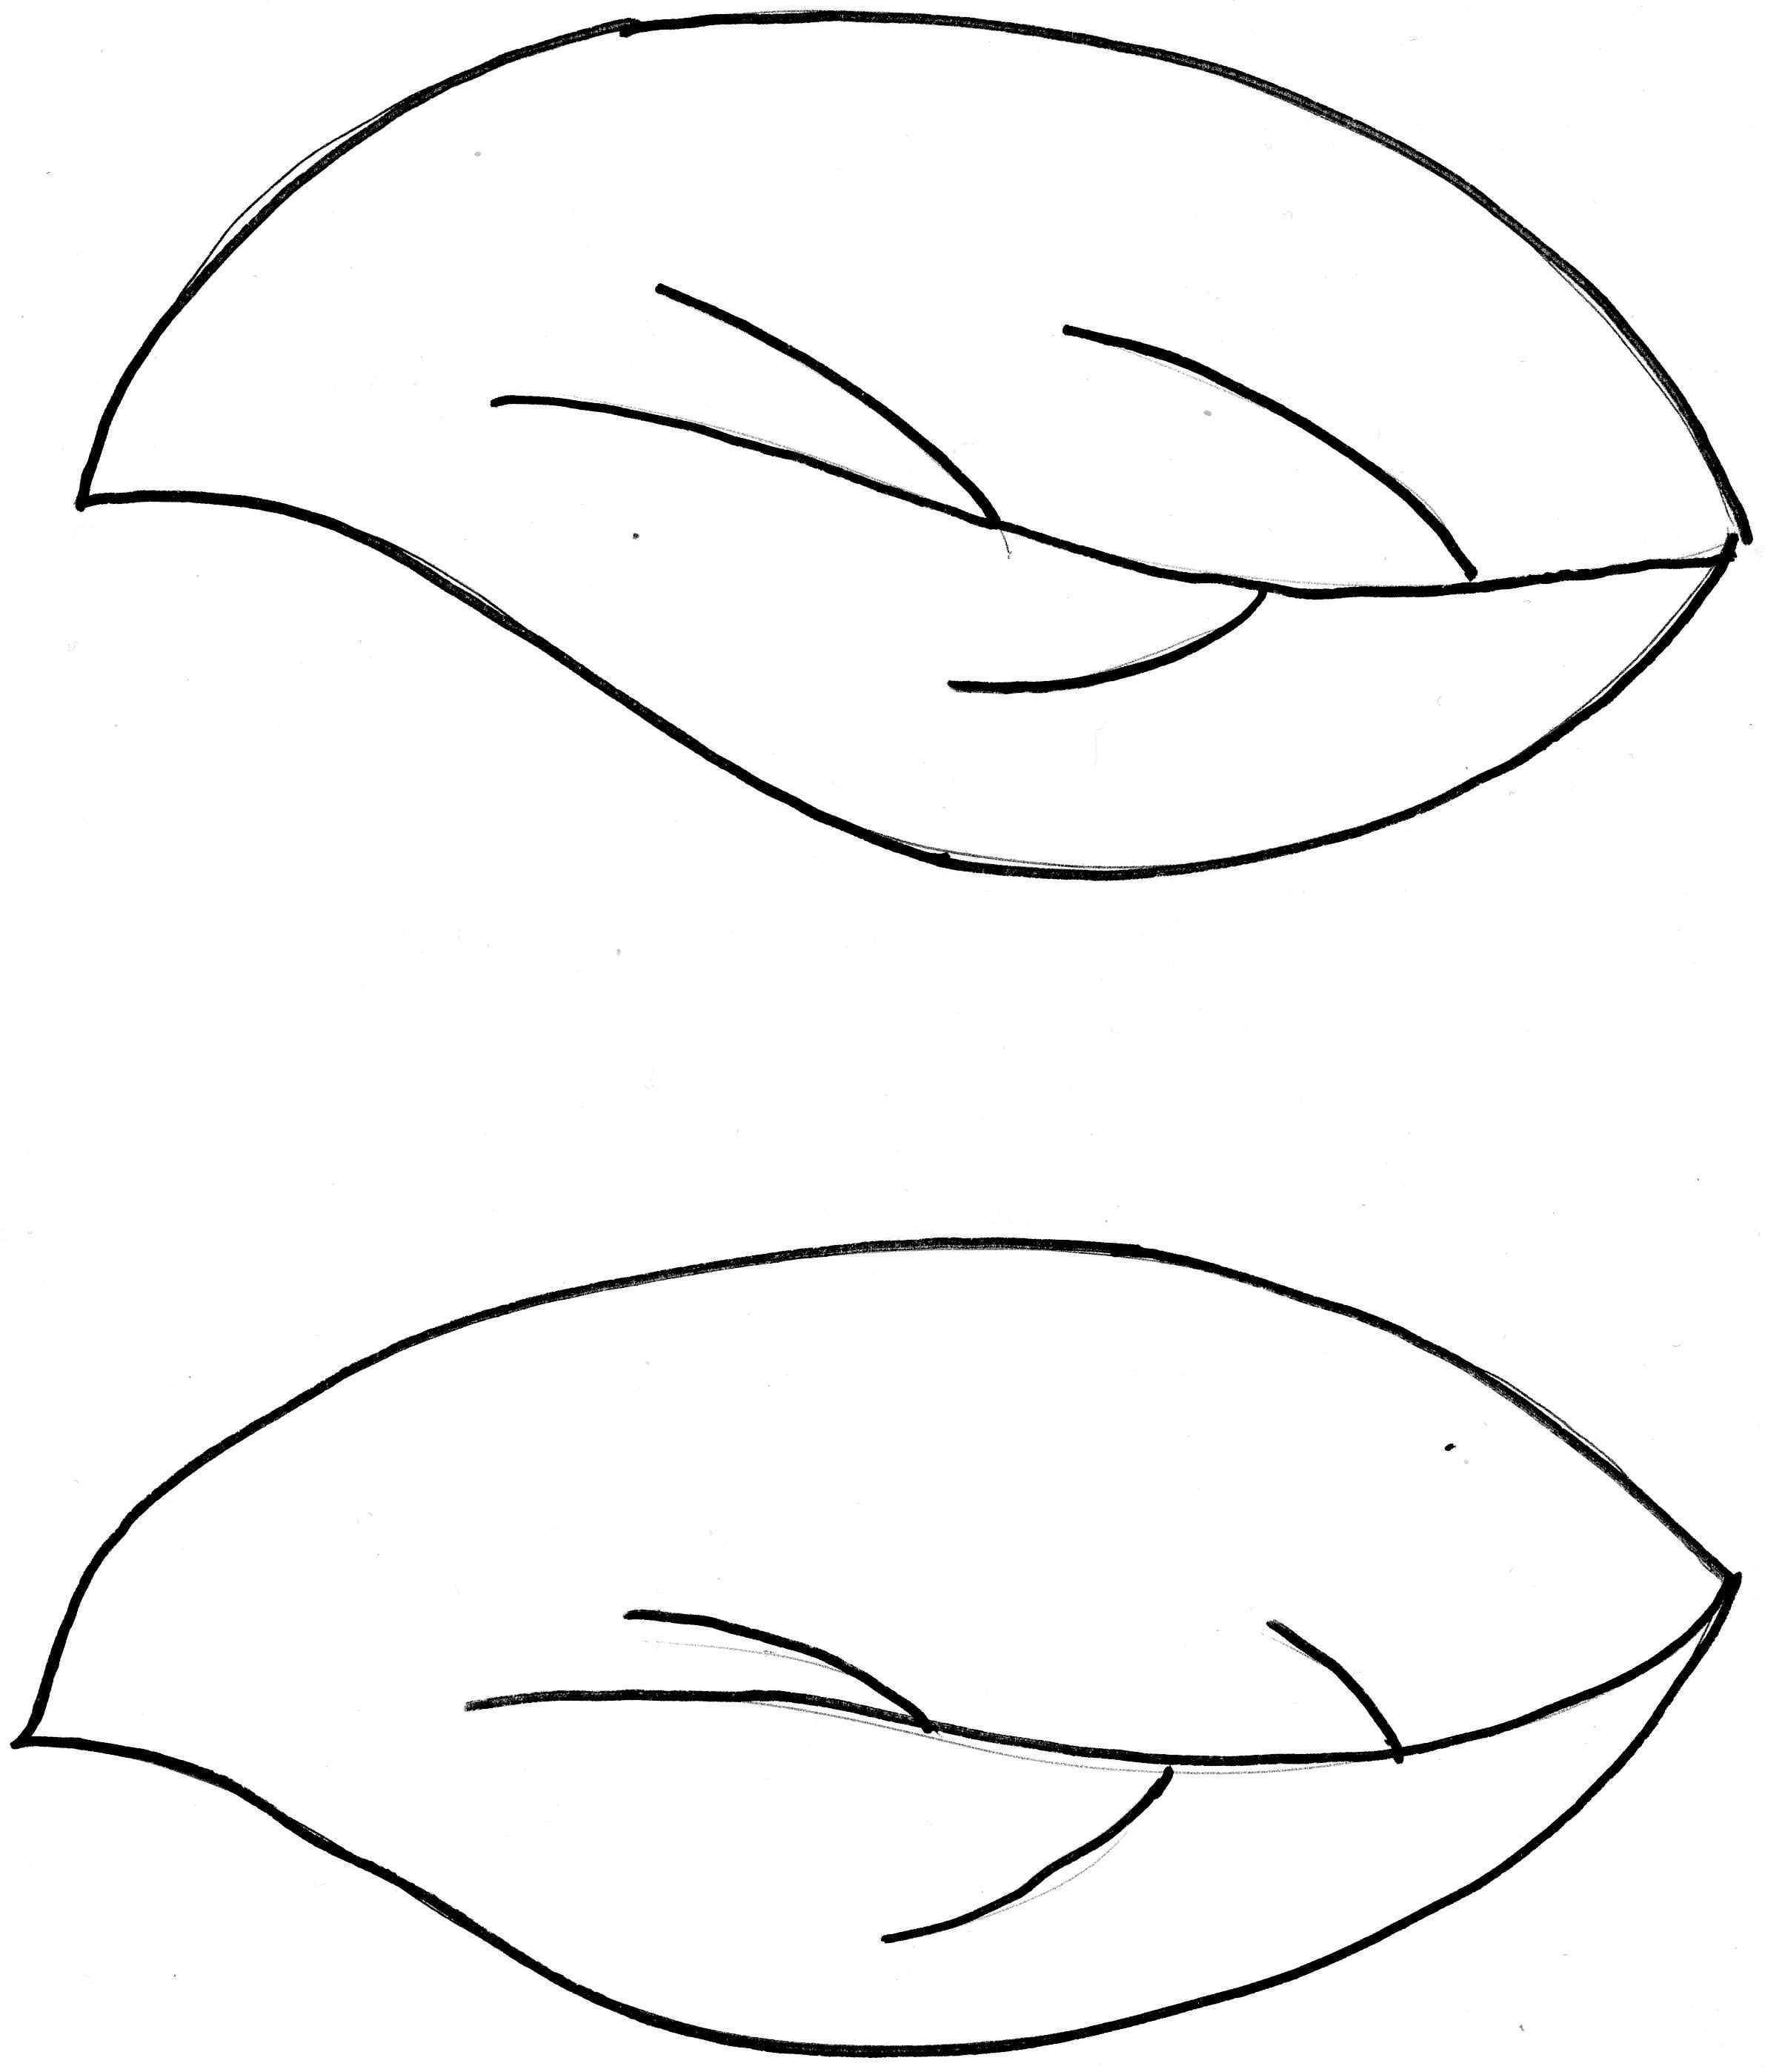 Leaf Outline Template